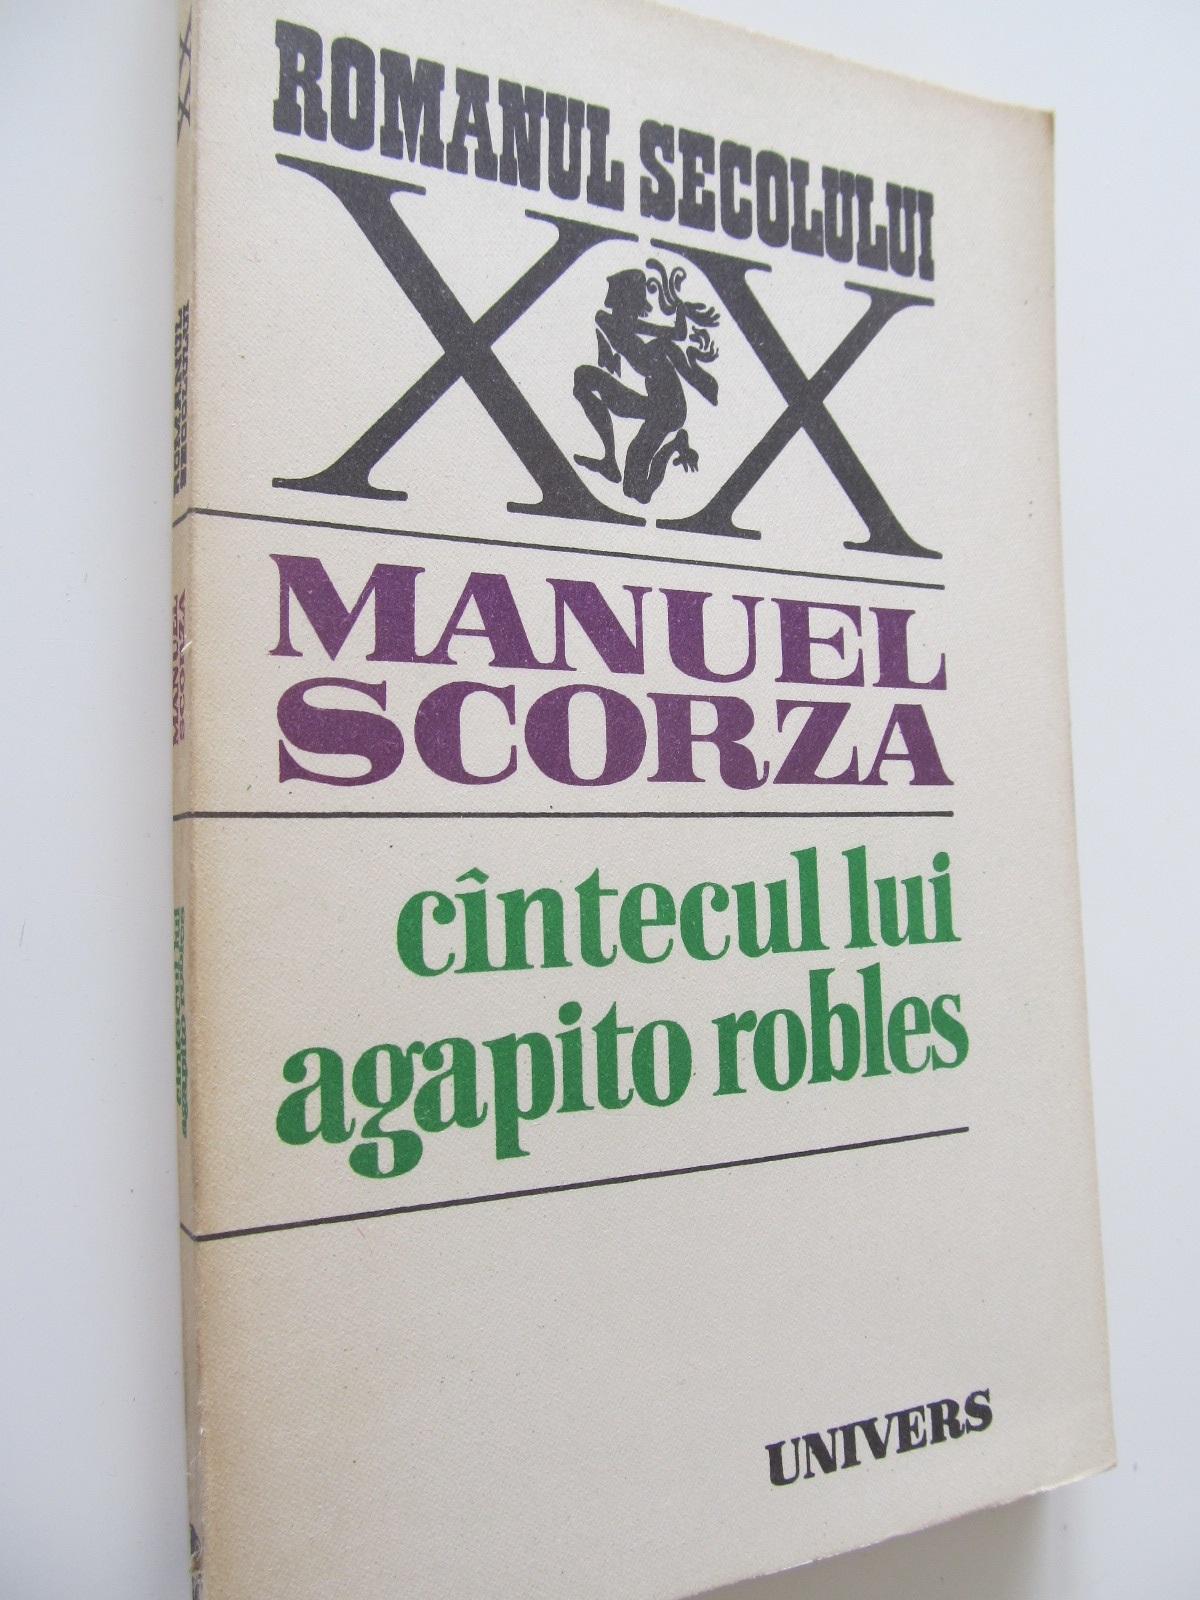 Carte Cantecul lui Agapito Robles - Manuel Scorza